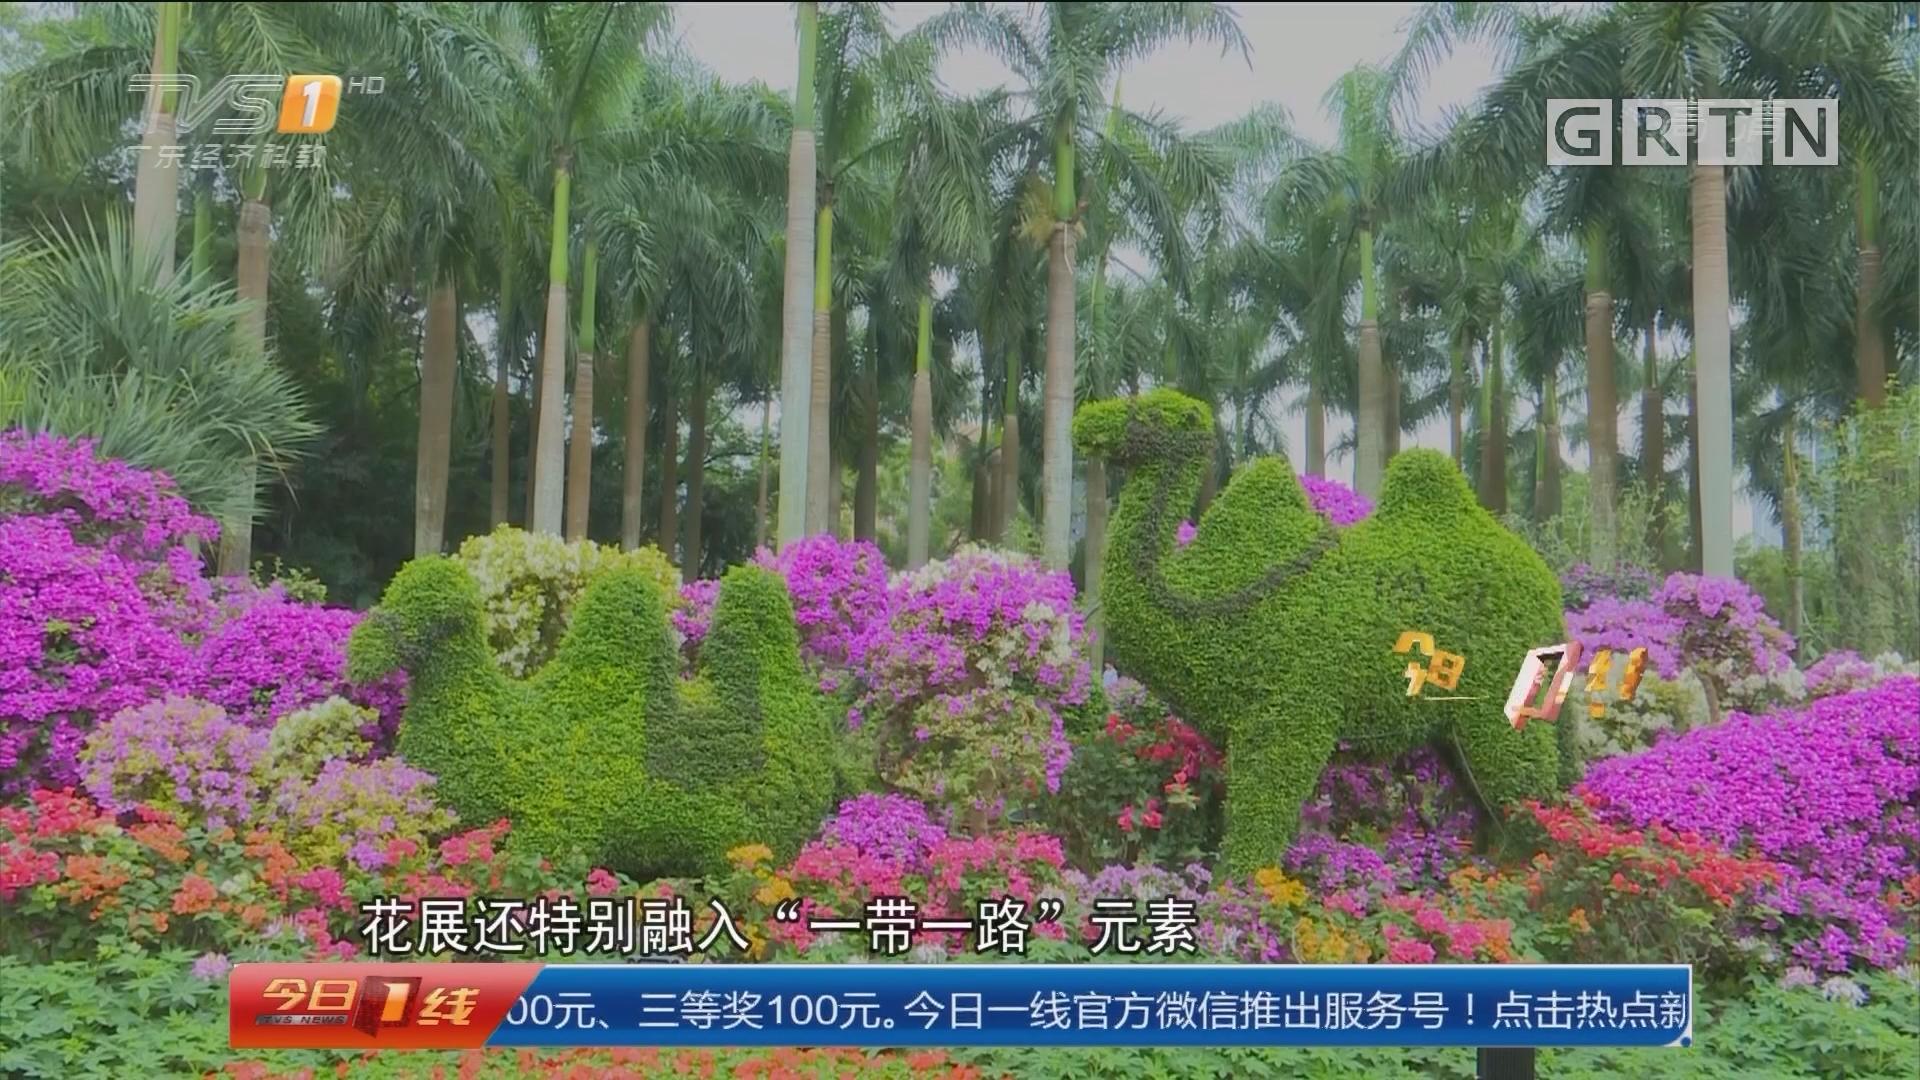 深圳:第十九届簕杜鹃花展今起开放